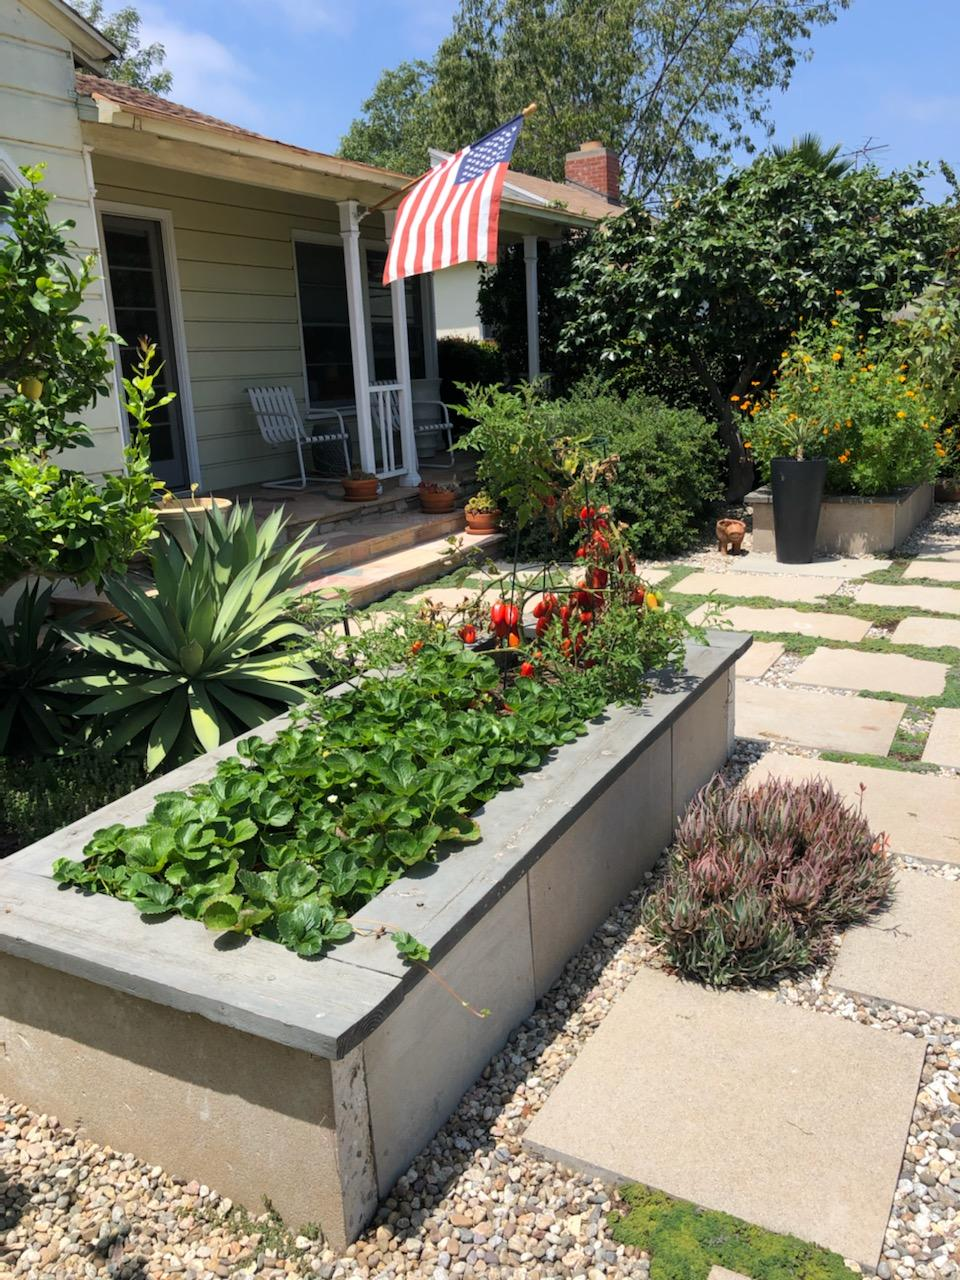 How to Design a Small Vegetable Garden